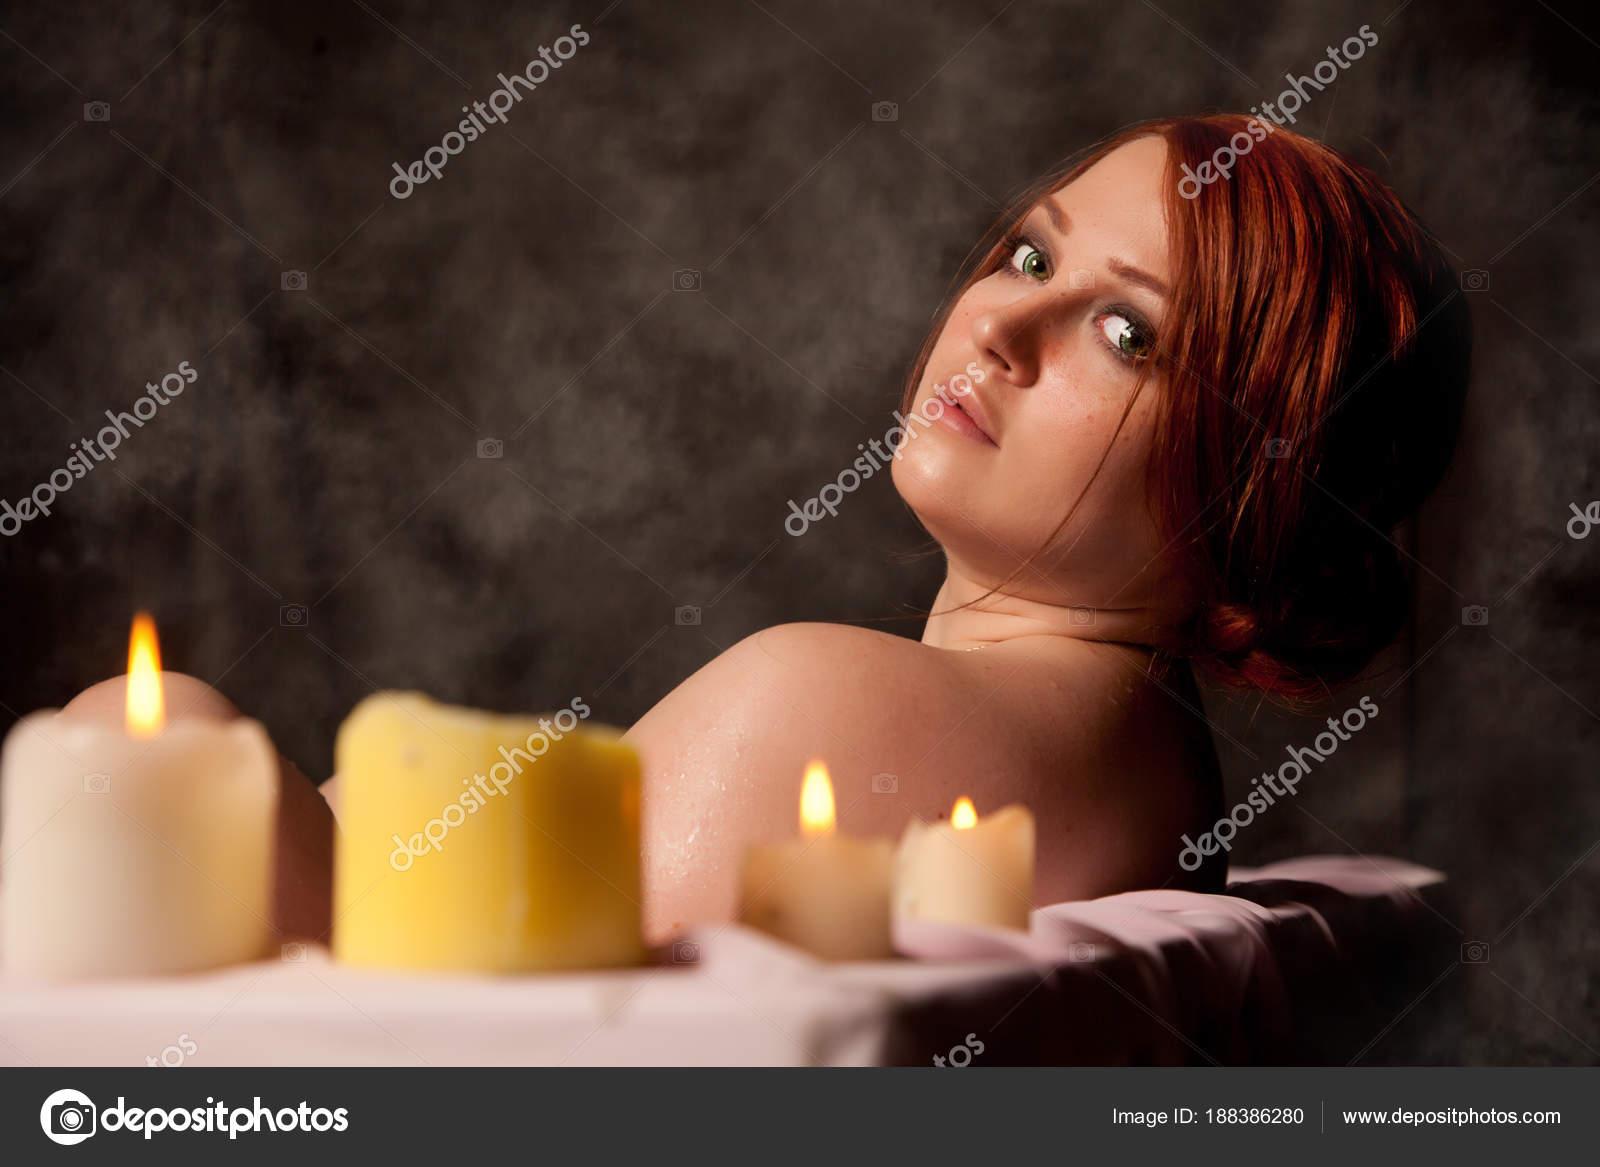 καυτά γυμνό κορίτσια φωτογραφία μαύρο χαλαρό μουνί